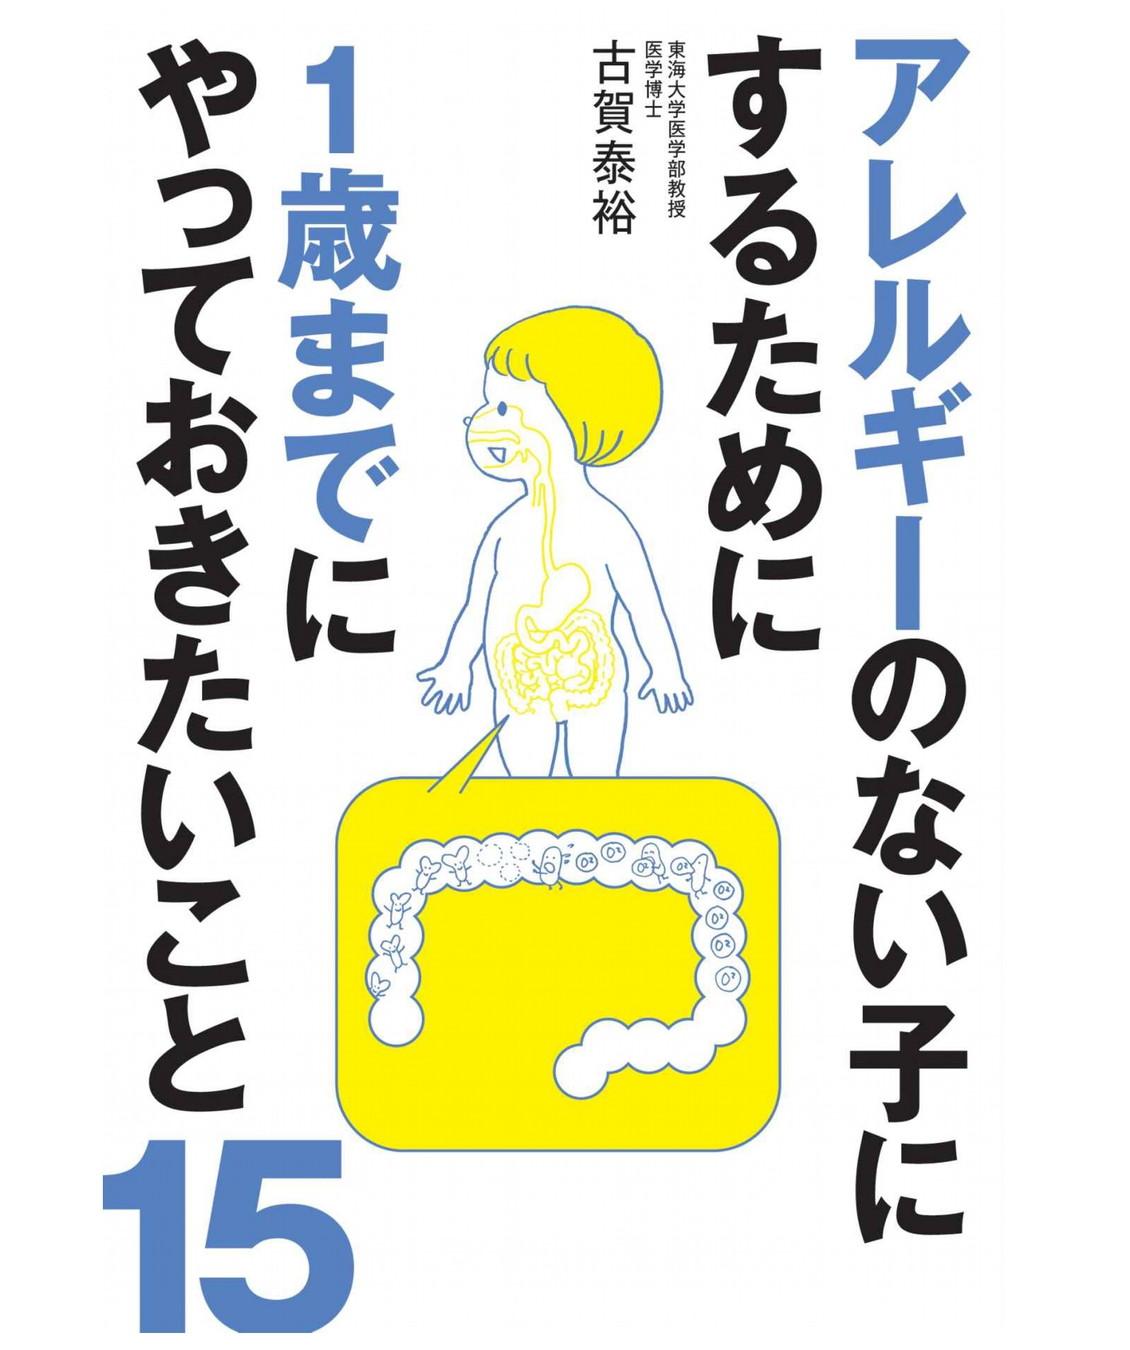 【書評】アレルギーのない子にするために1歳までにやっておきたいこと15